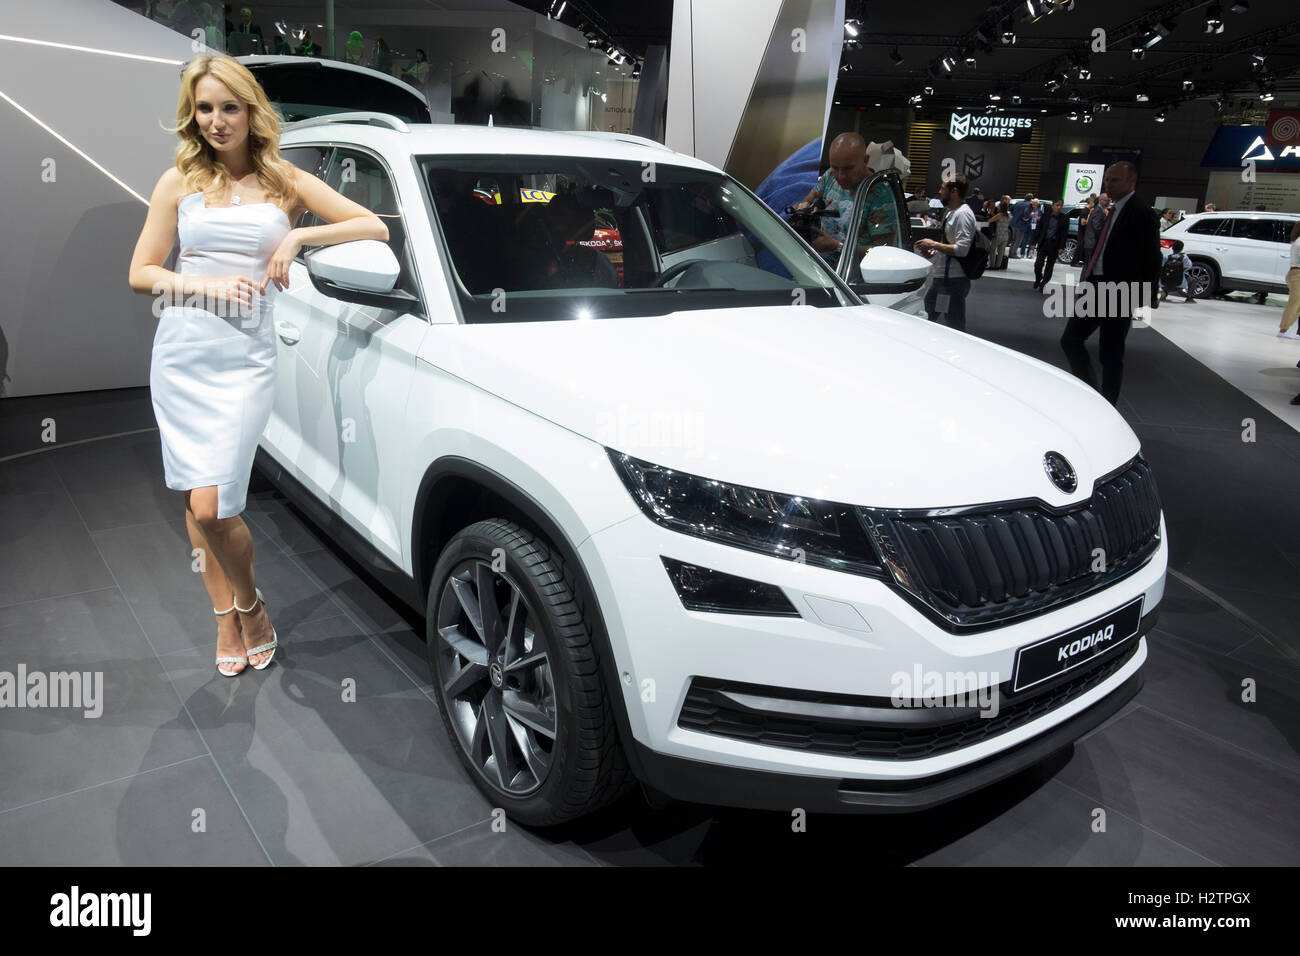 Estreno mundial de Skoda Kodiaq SUV grande en Paris Motor Show 2016 Imagen De Stock